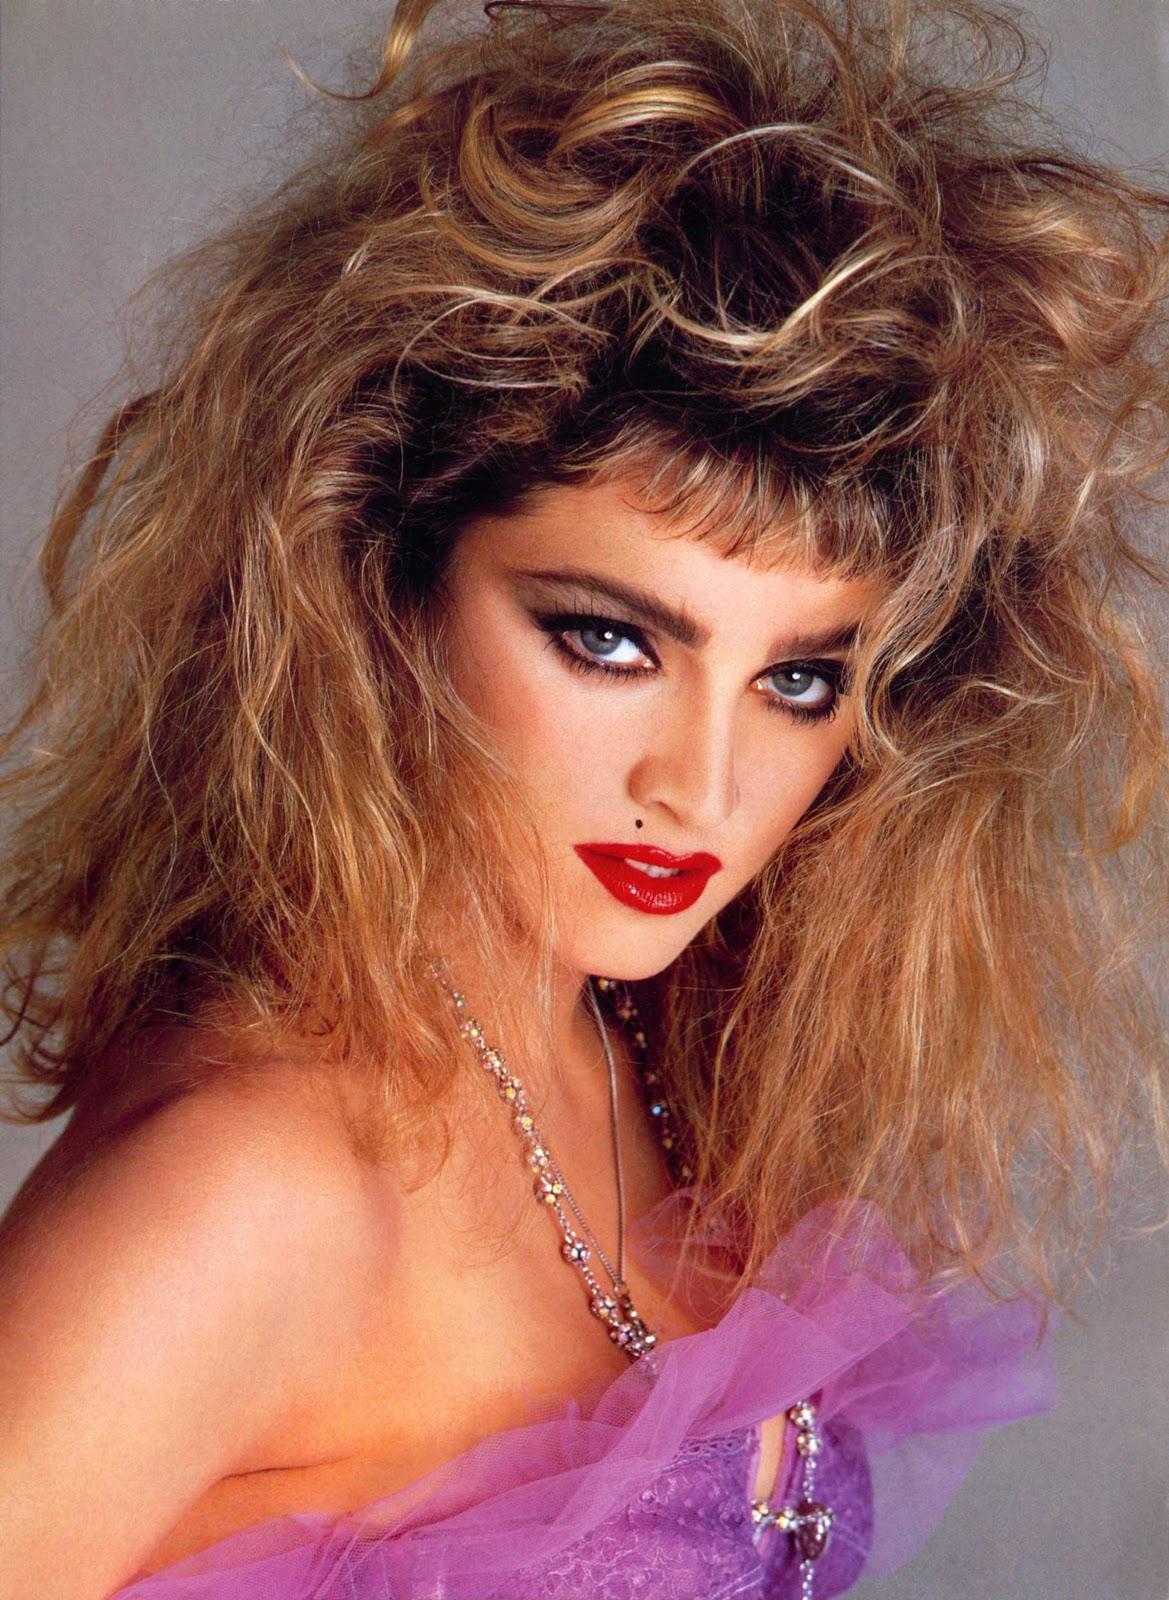 Madonna maquillaje años 80